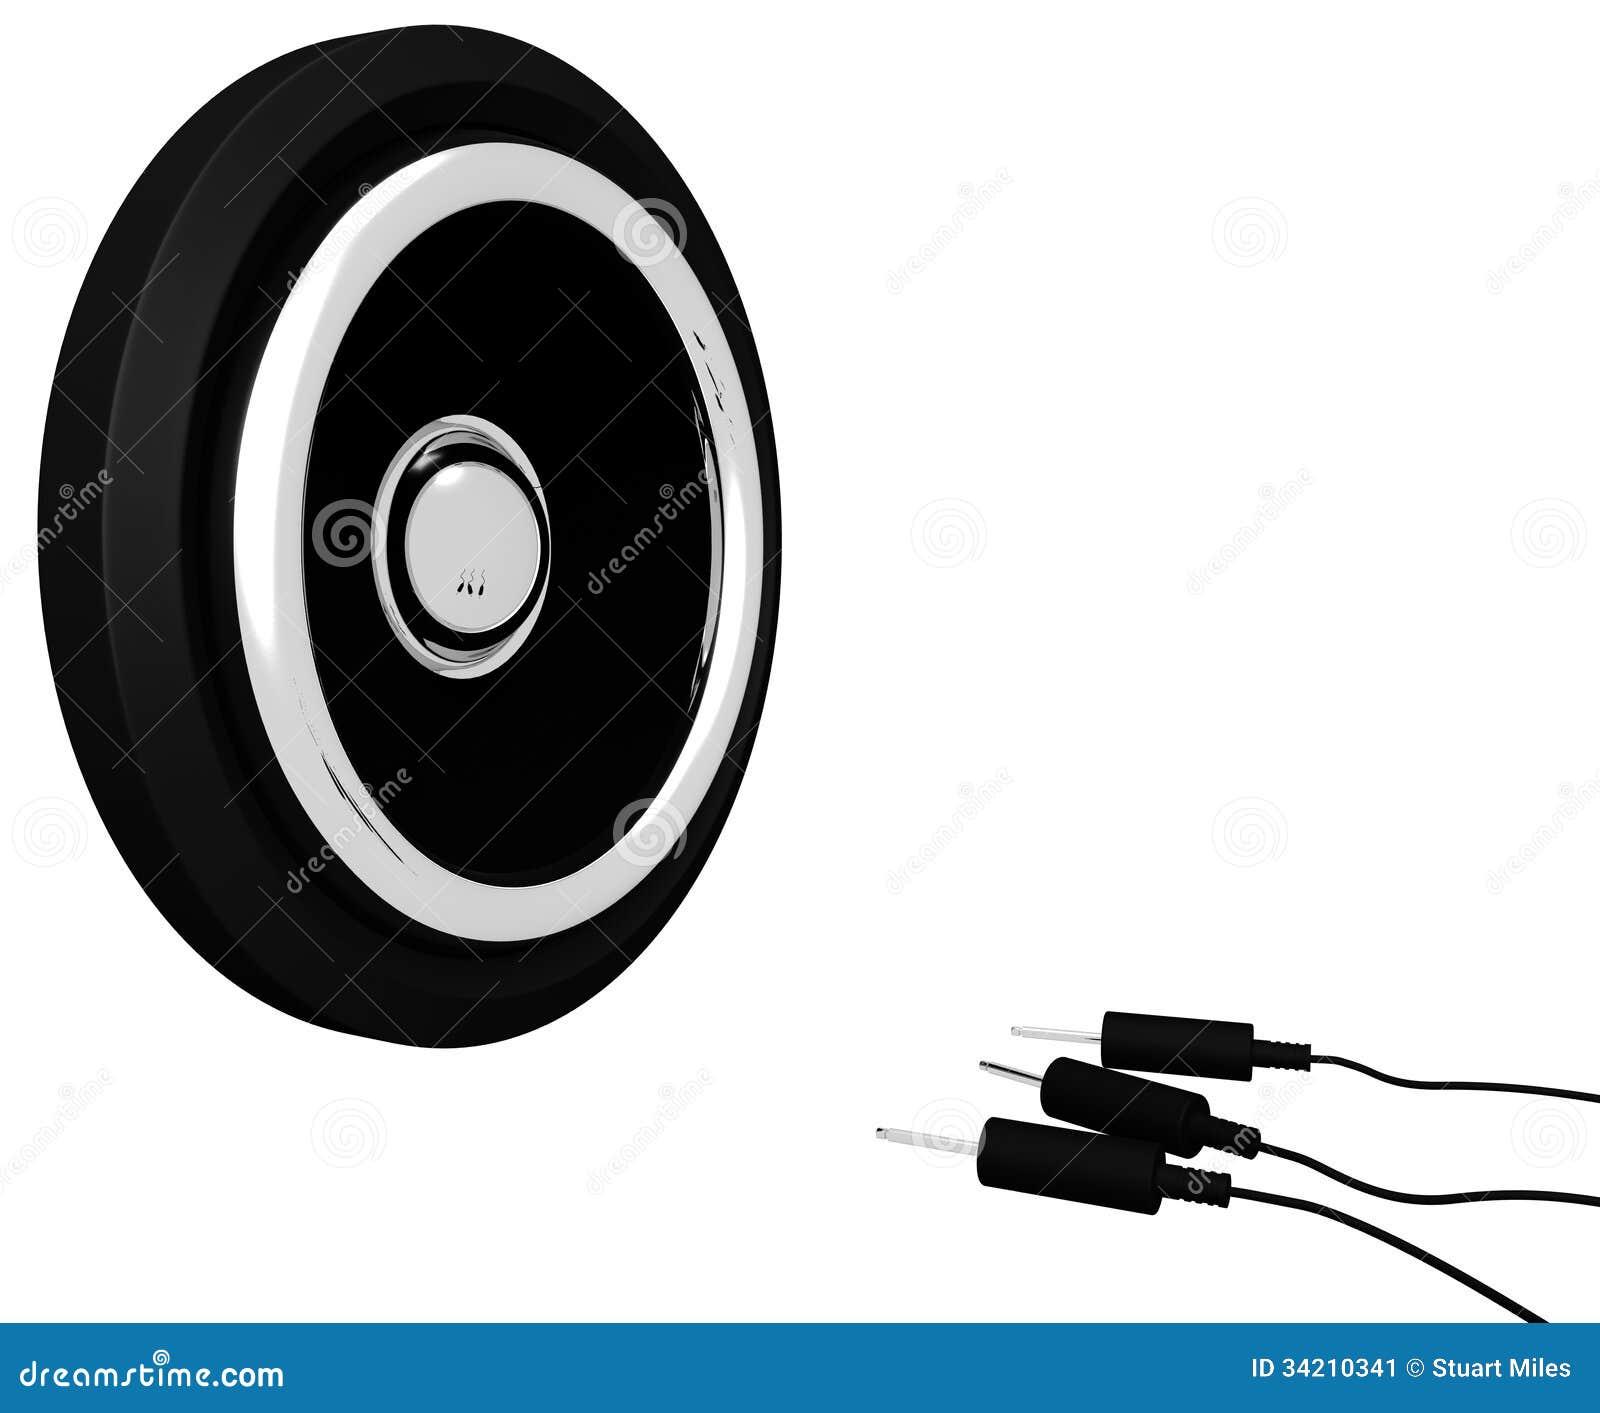 Ο ακουστικός ομιλητής παρουσιάζει το μουσικά εξοπλισμό ή μεγάφωνα